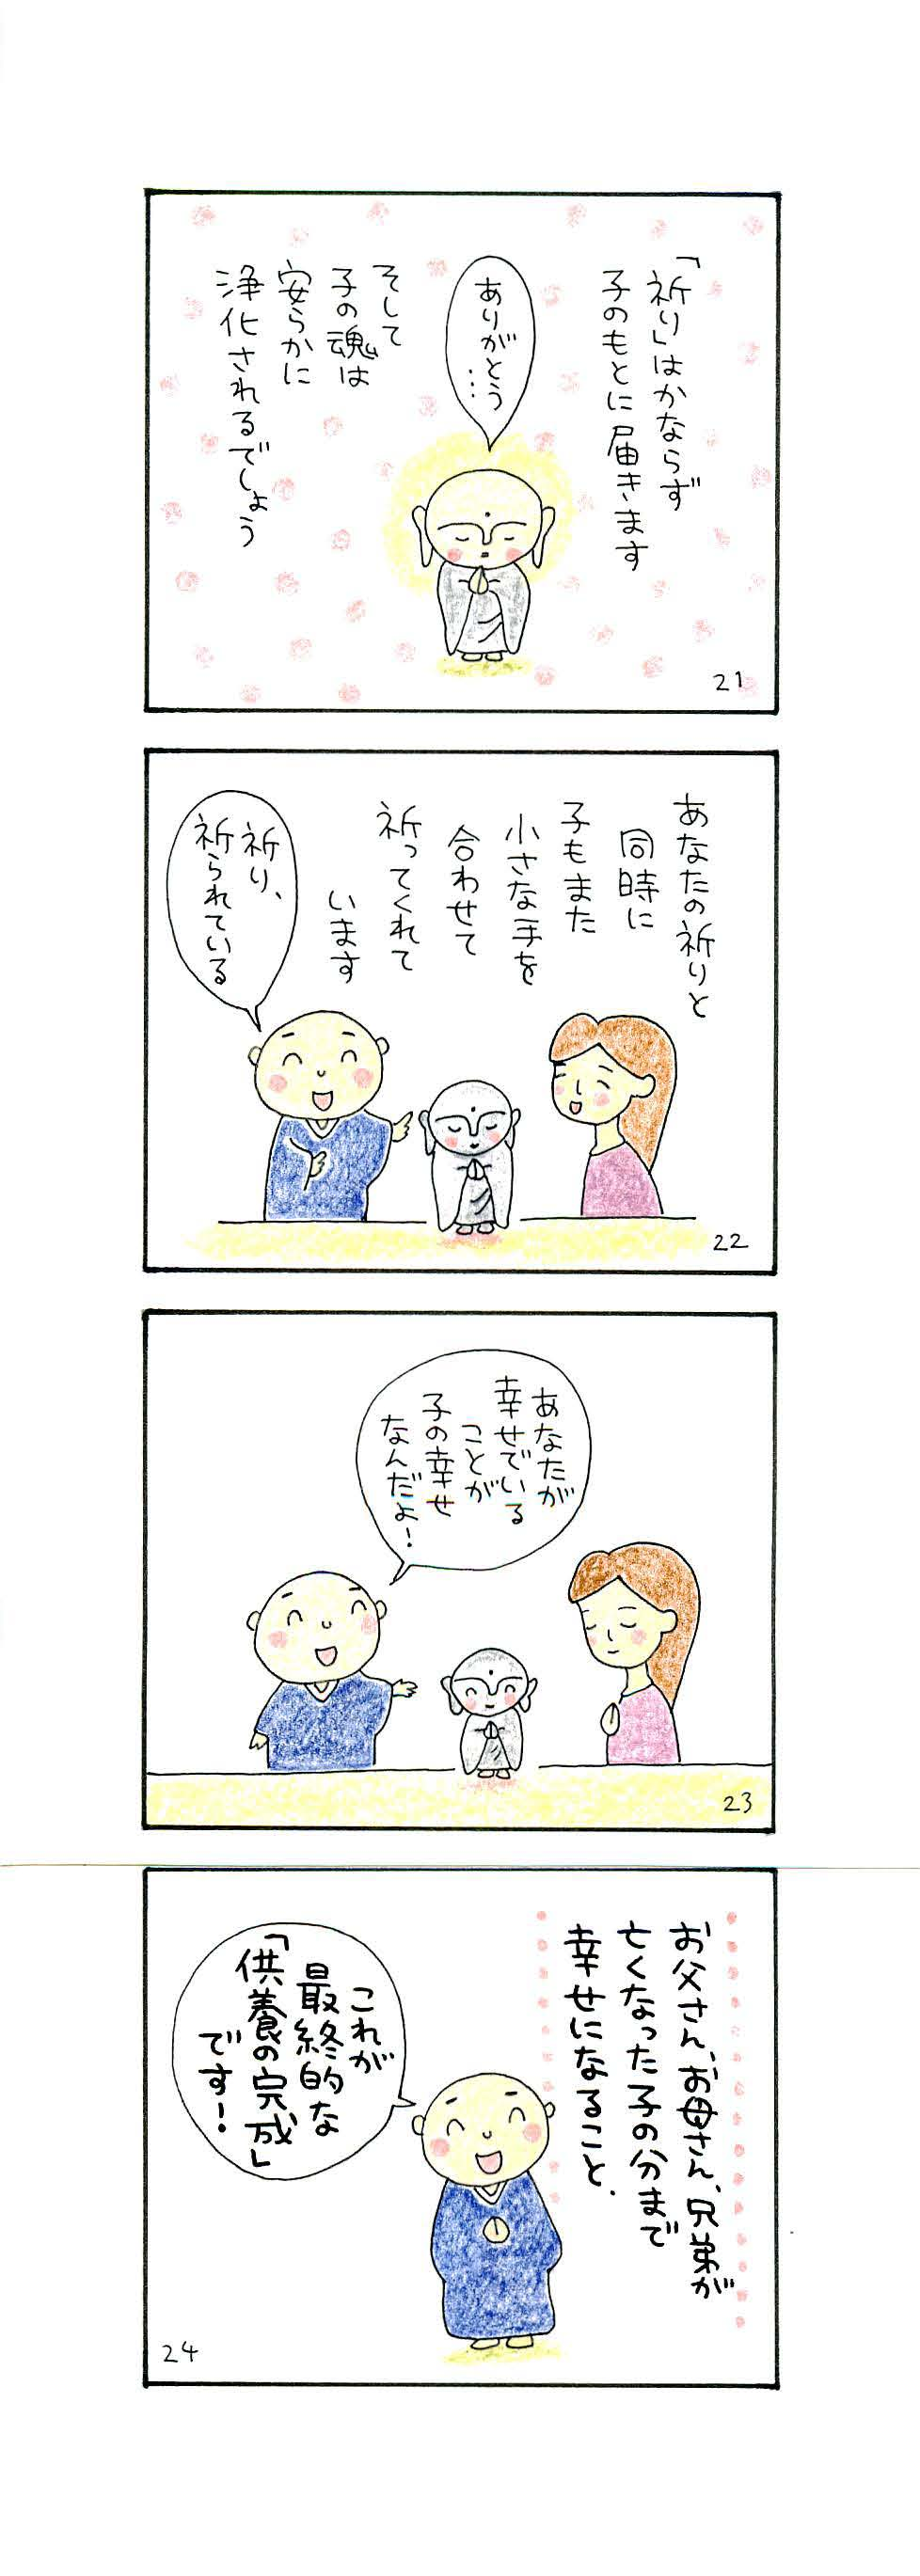 水子供養漫画薫明_ページ_6